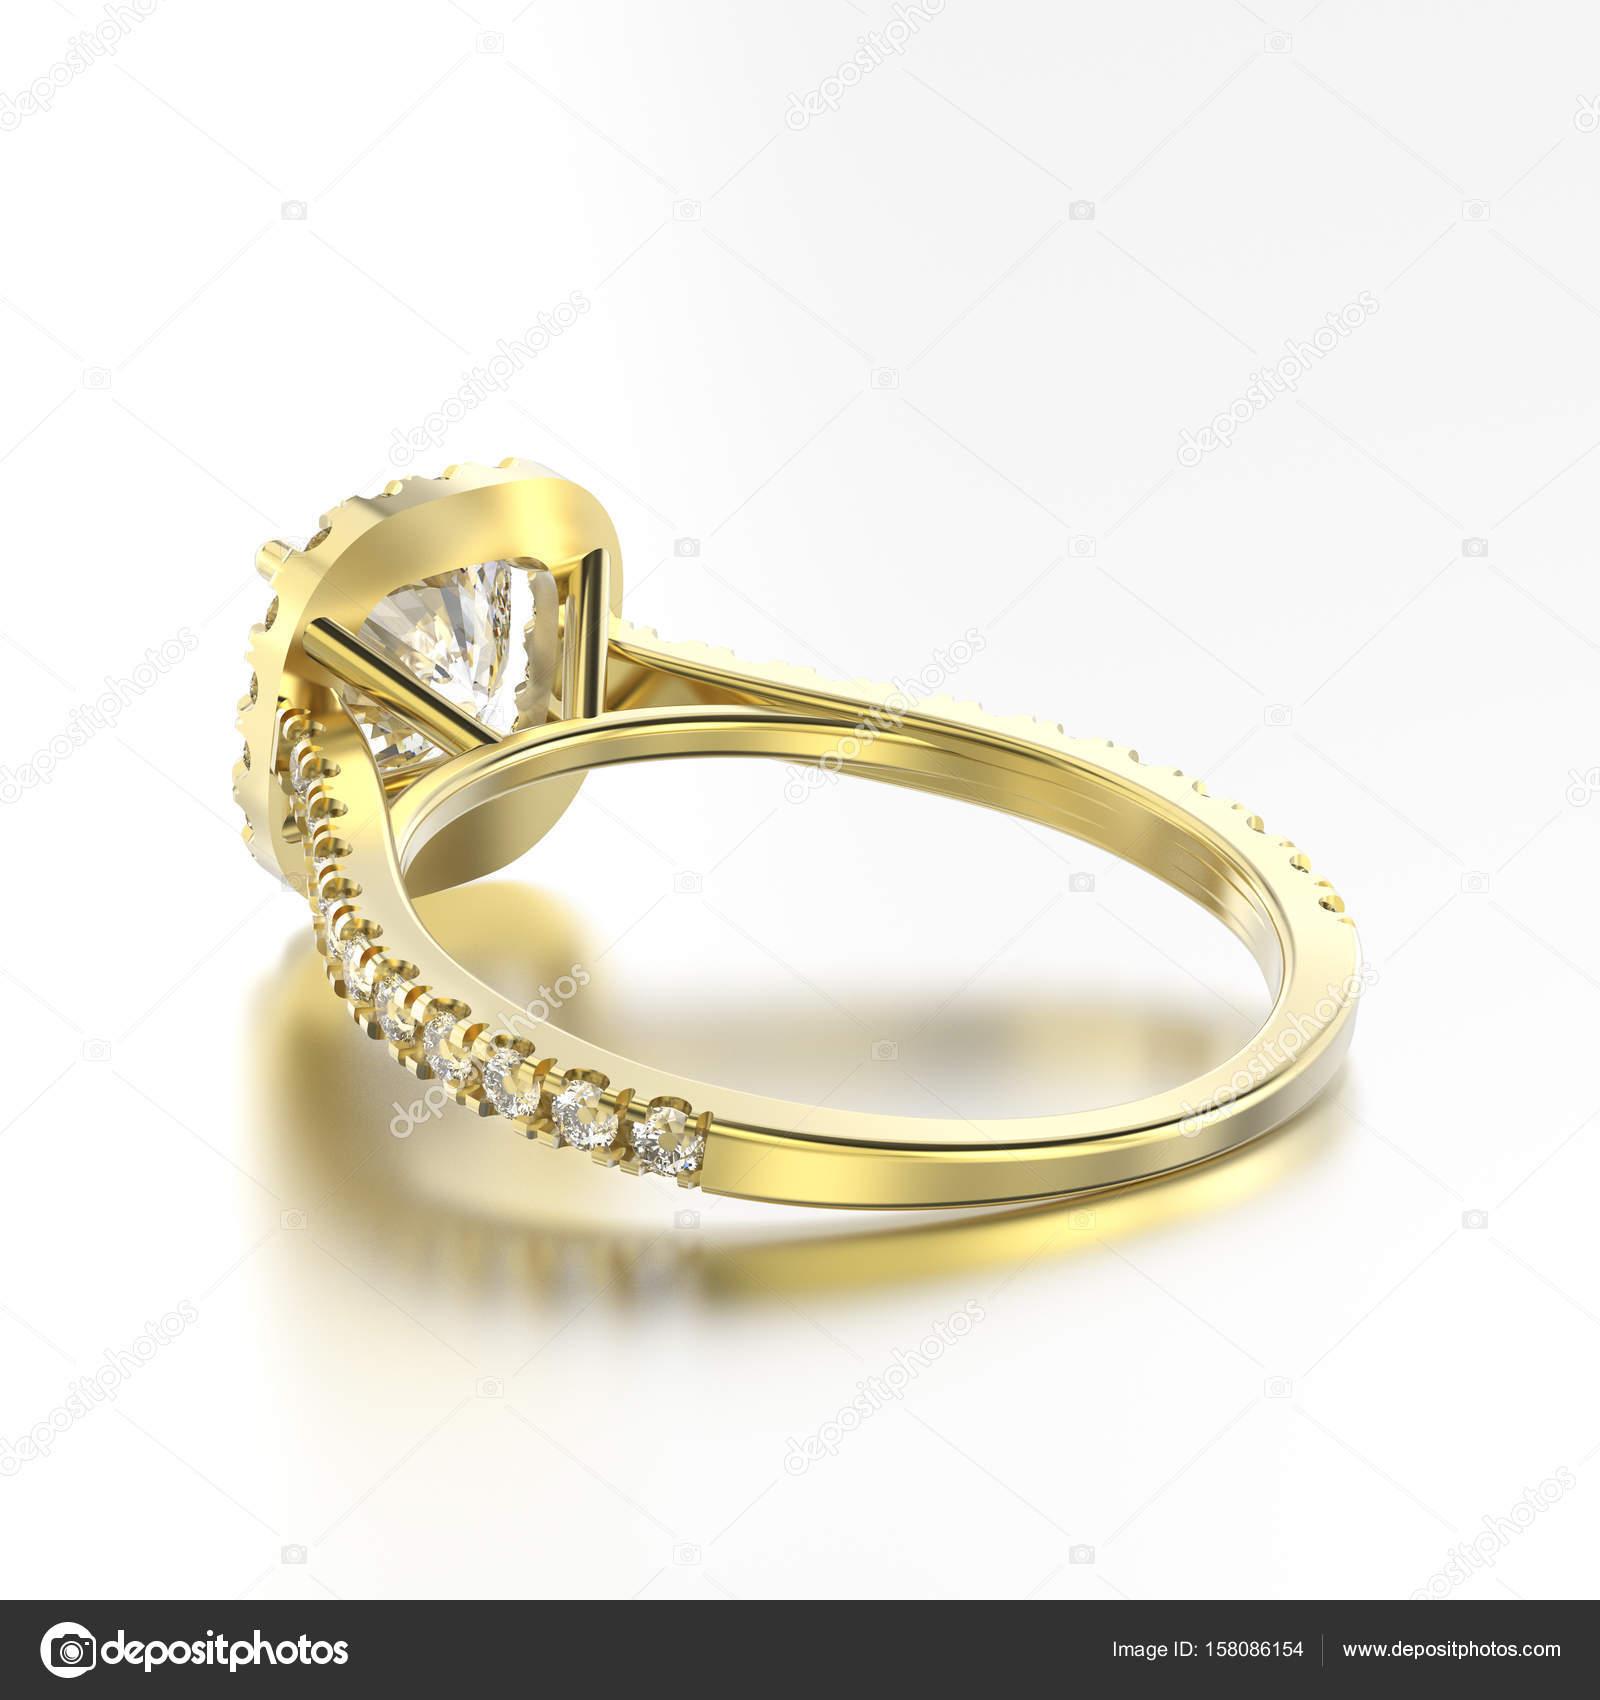 3D ілюстрація жовтого золота каблучка з діамантами назад з видом на роздуми  про сірий фон — Фото від 3djewelry b7ca1bb804766